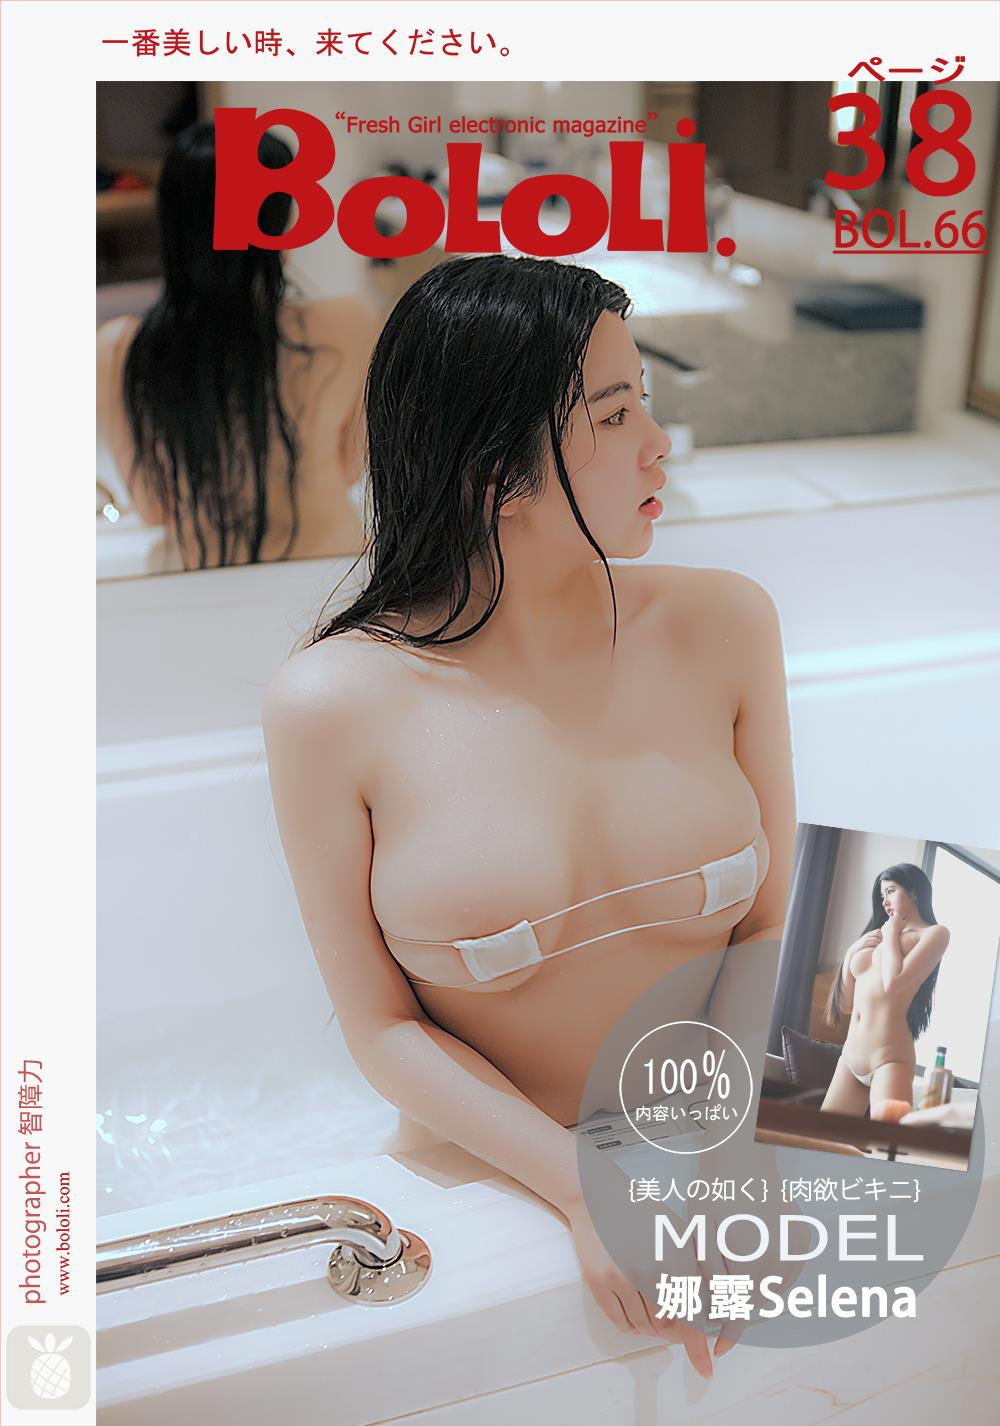 [BoLoli波萝社]BOL066 娜露selena 情趣内衣大尺度性感私房写真集